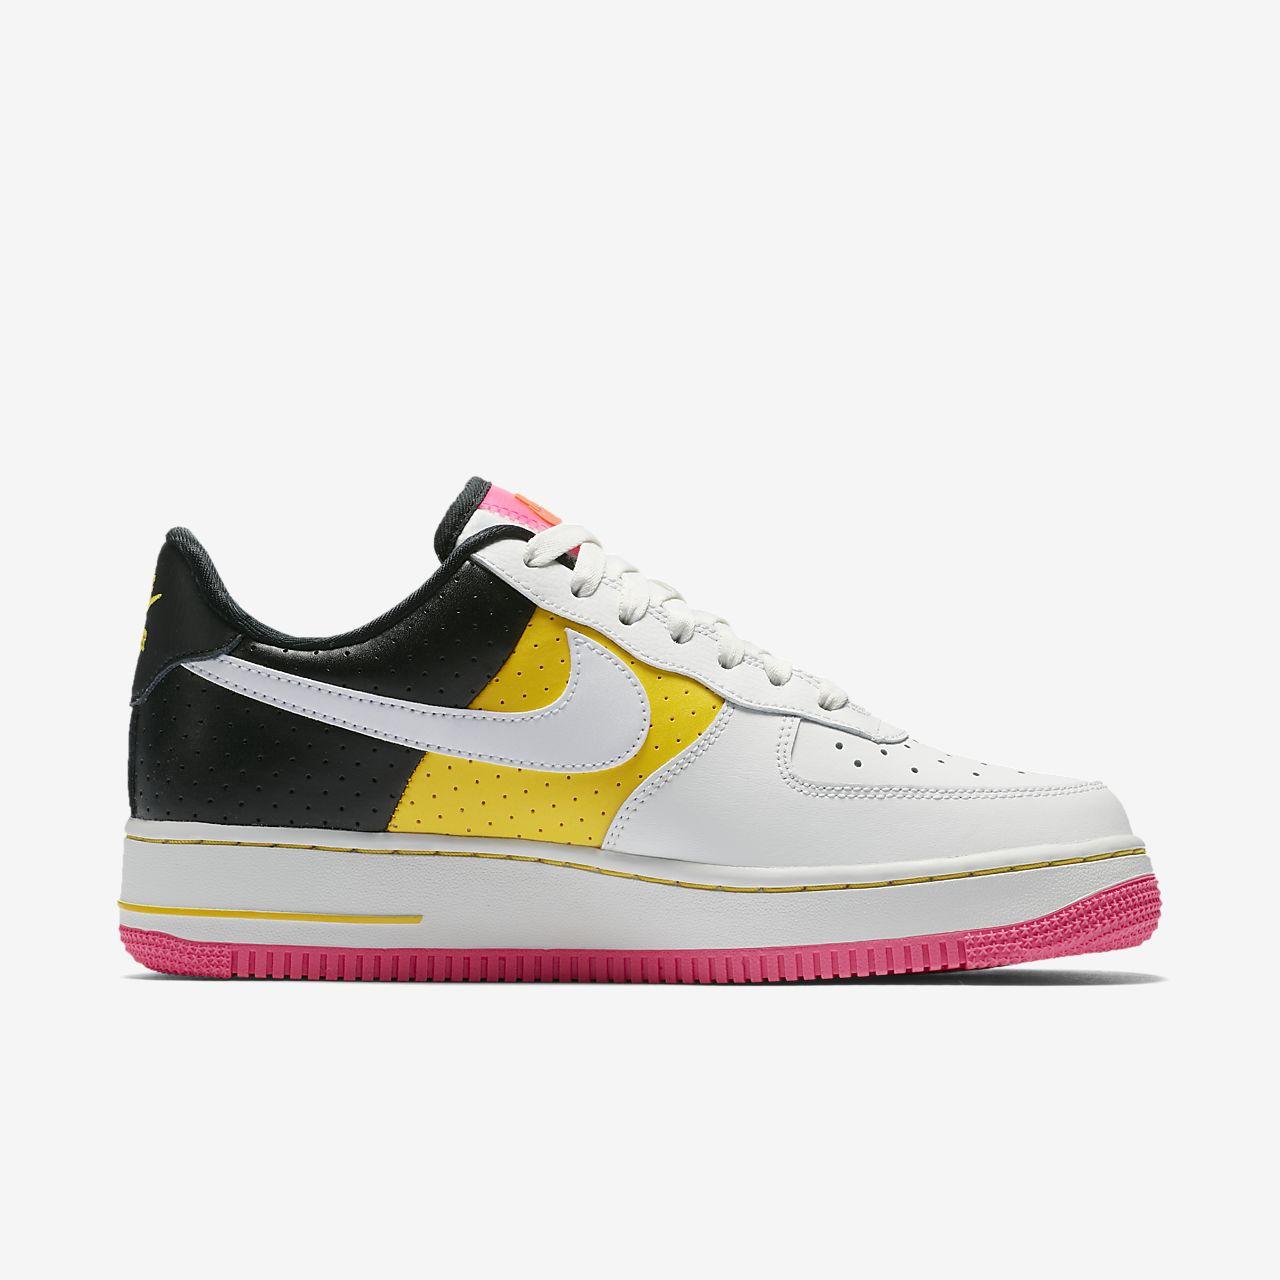 ... Nike Air Force 1 '07 SE Moto Women's Shoe